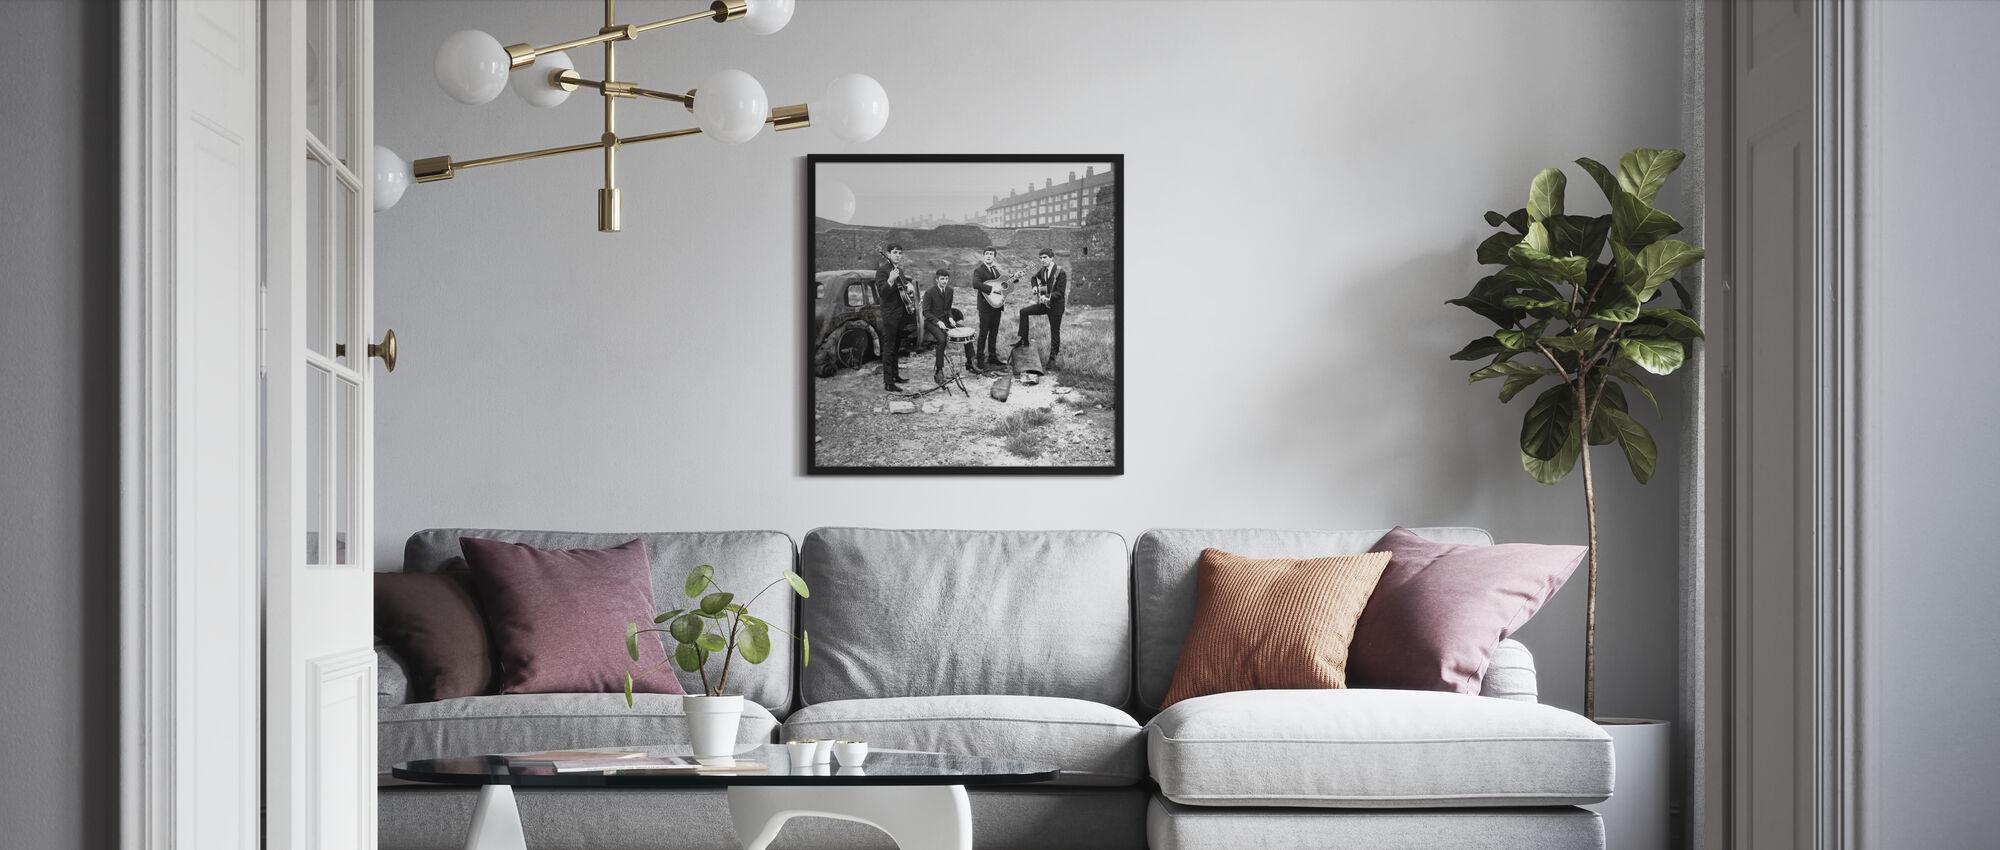 Les Beatles - Voiture abandonnée - Affiche - Salle à manger